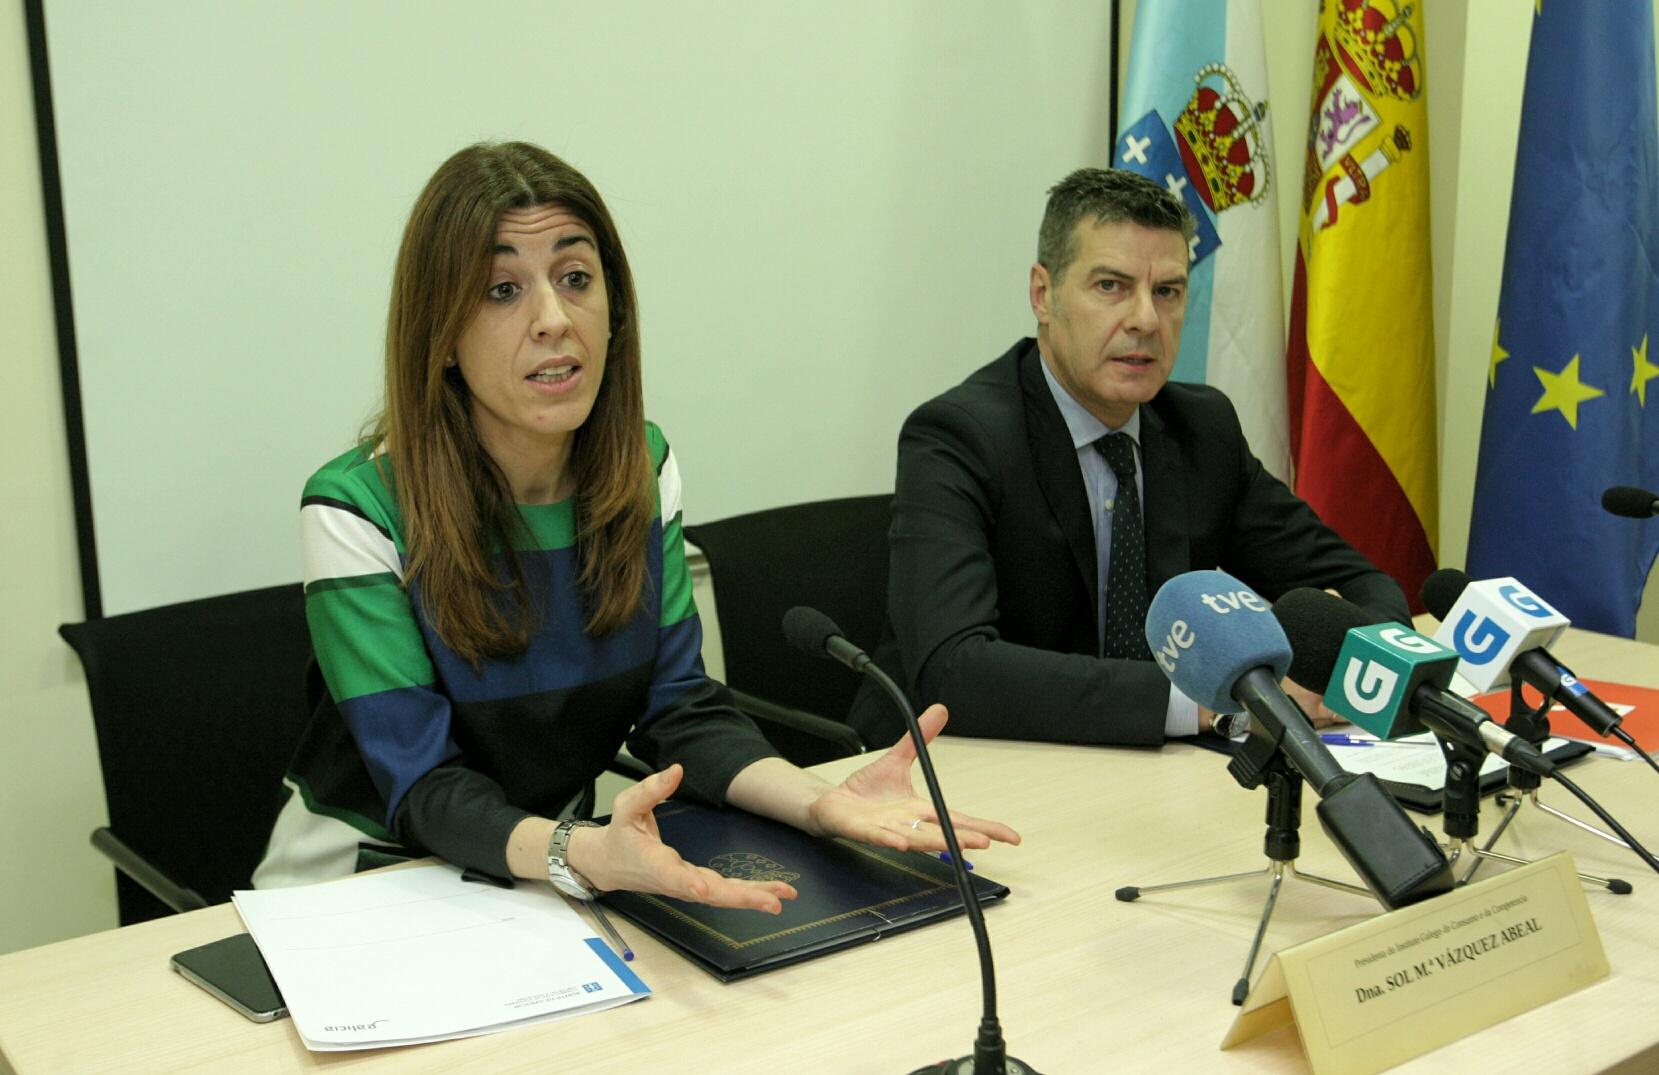 La xunta y el consejo gallego de economistas colaboran en for Clausula suelo firma acuerdo privado